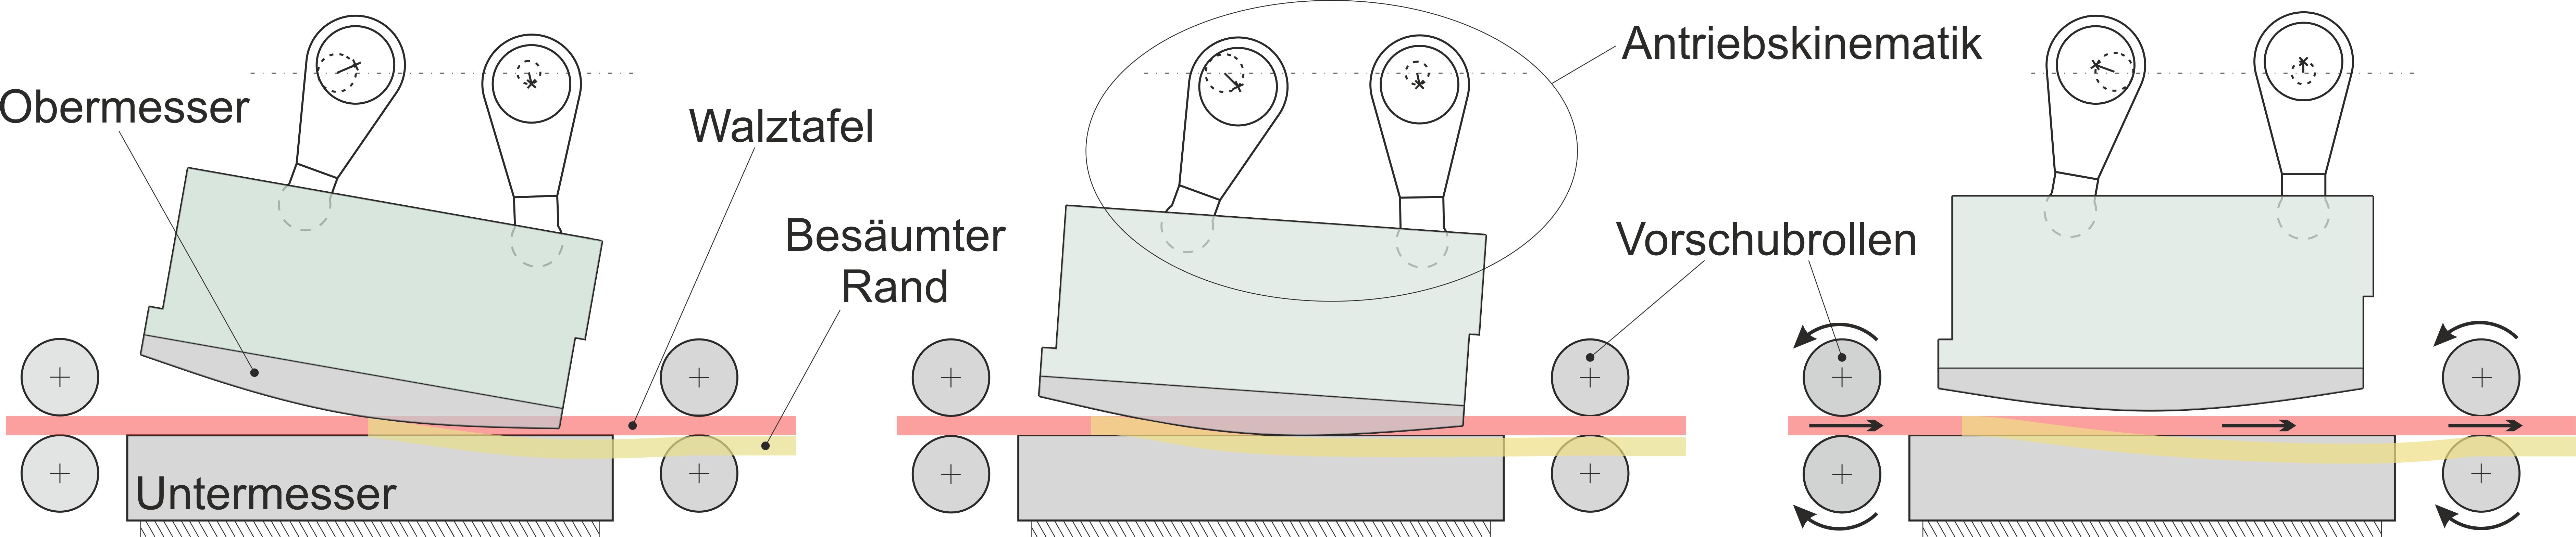 Prinzip des Rollschnittscherens zur Besäumung von Walztafeln.